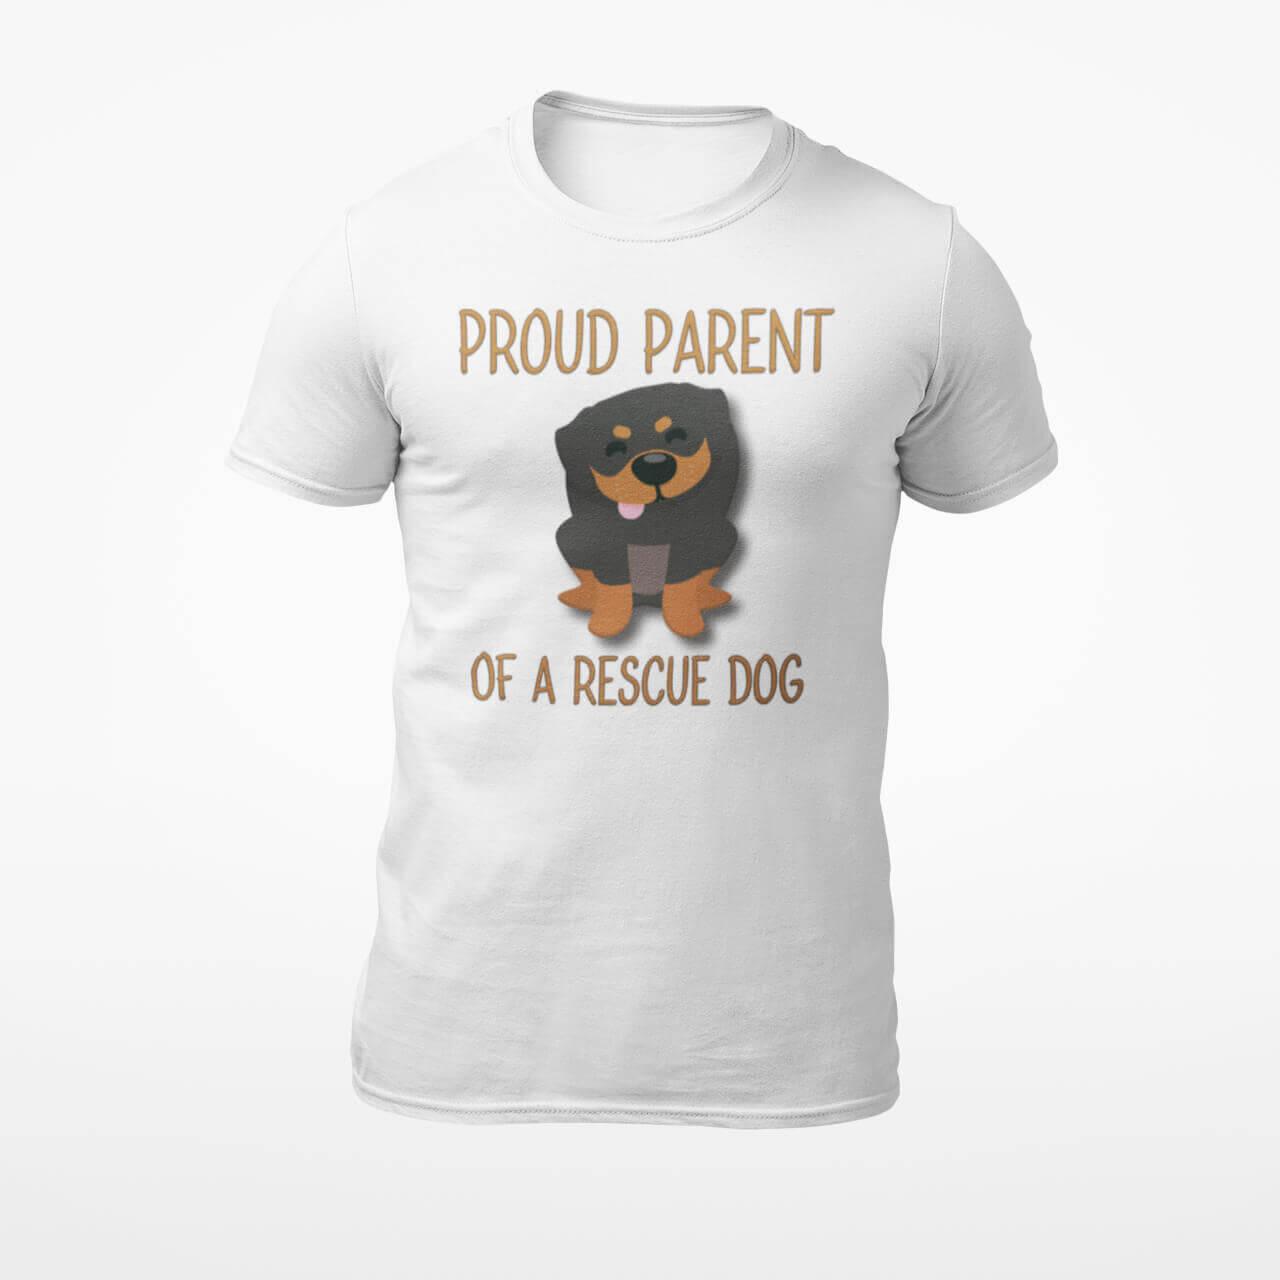 Proud Parent of a Rescue Dog T-Shirt